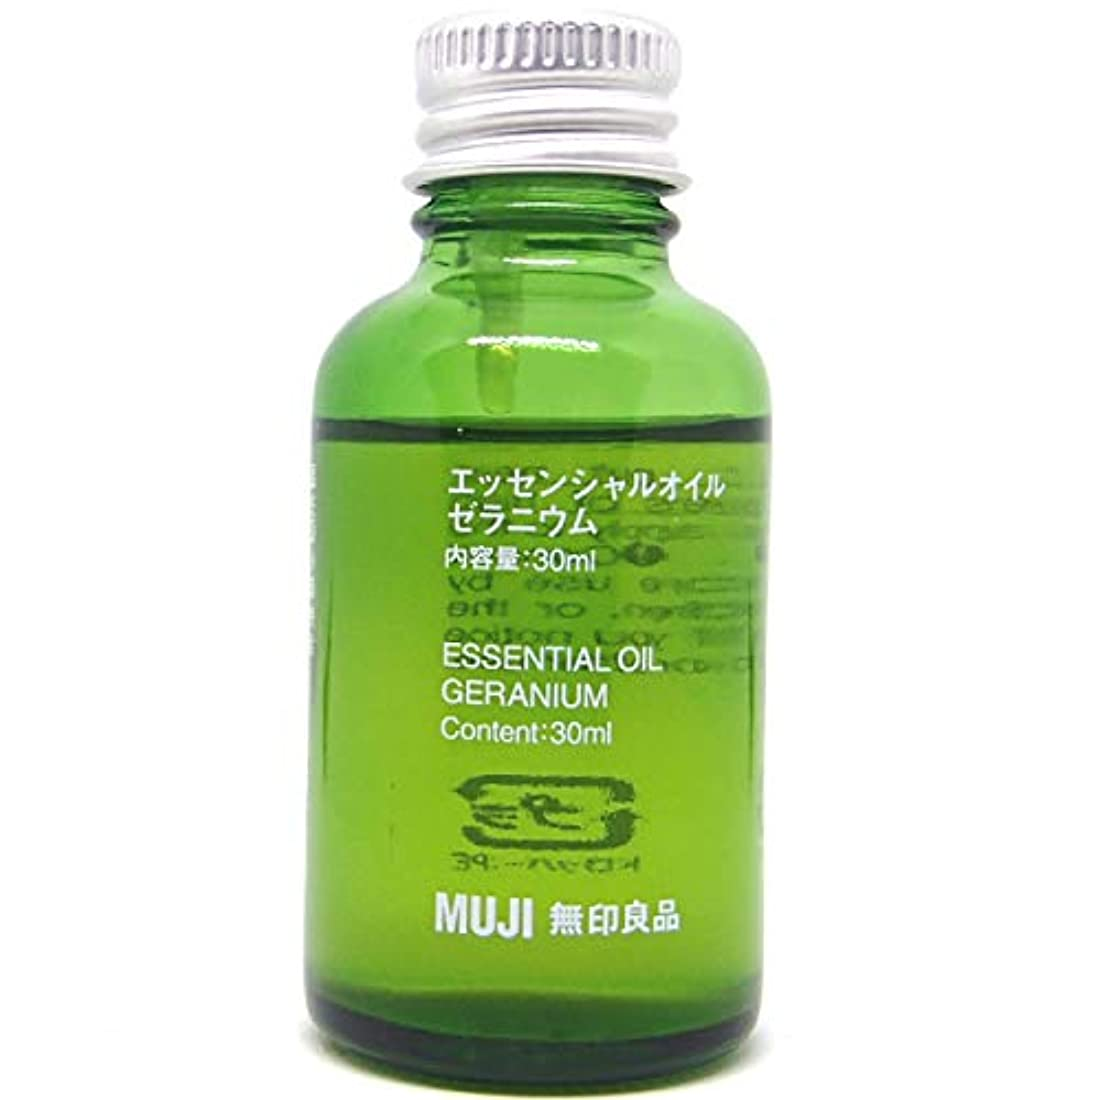 所有権防腐剤ジュース【無印良品】エッセンシャルオイル30ml(ゼラニウム)